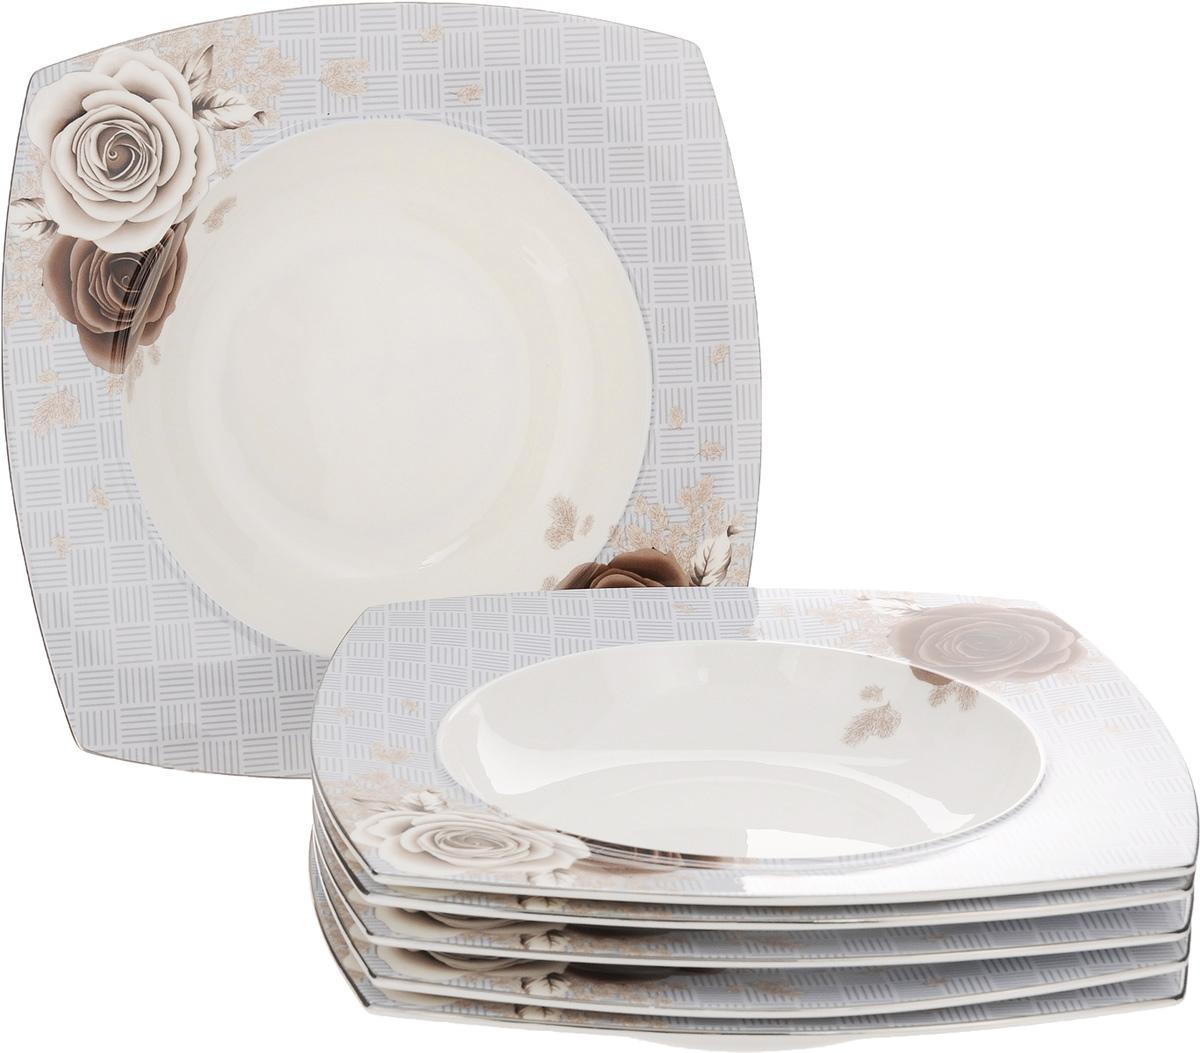 Набор суповых тарелок Family & Friends Дэниш, 25 х 25 см, 6 штPR7987нНабор Family & Friends Florance, выполненный из фарфора, состоит из 6 глубоких квадратных тарелок и предназначен для красивой сервировки первых блюд. Изделия украшены изящным рисунком. Набор сочетает в себе стильный дизайн с максимальной функциональностью. Оригинальность оформления придется по вкусу и ценителям классики, и тем, кто предпочитает утонченность и изящность. Внутренний диаметр тарелки: 17,5 см. Размер тарелки: 25 х 25 х 4,5 см.